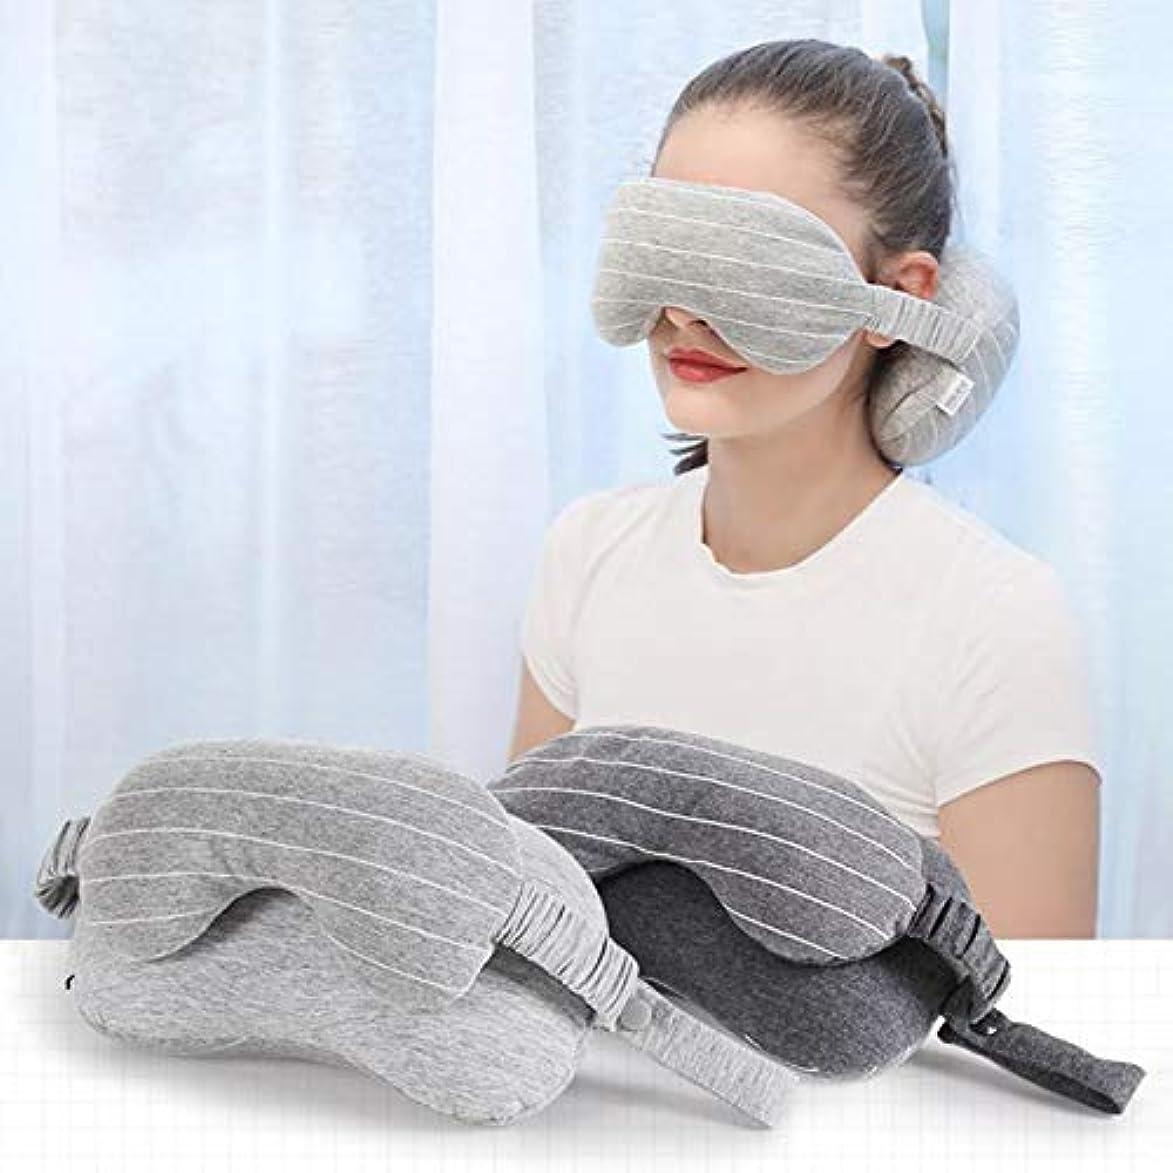 詩姉妹呼吸注多目的アイマスク首投げ枕睡眠マスク枕トラベルフォーム粒子充填縞模様U1